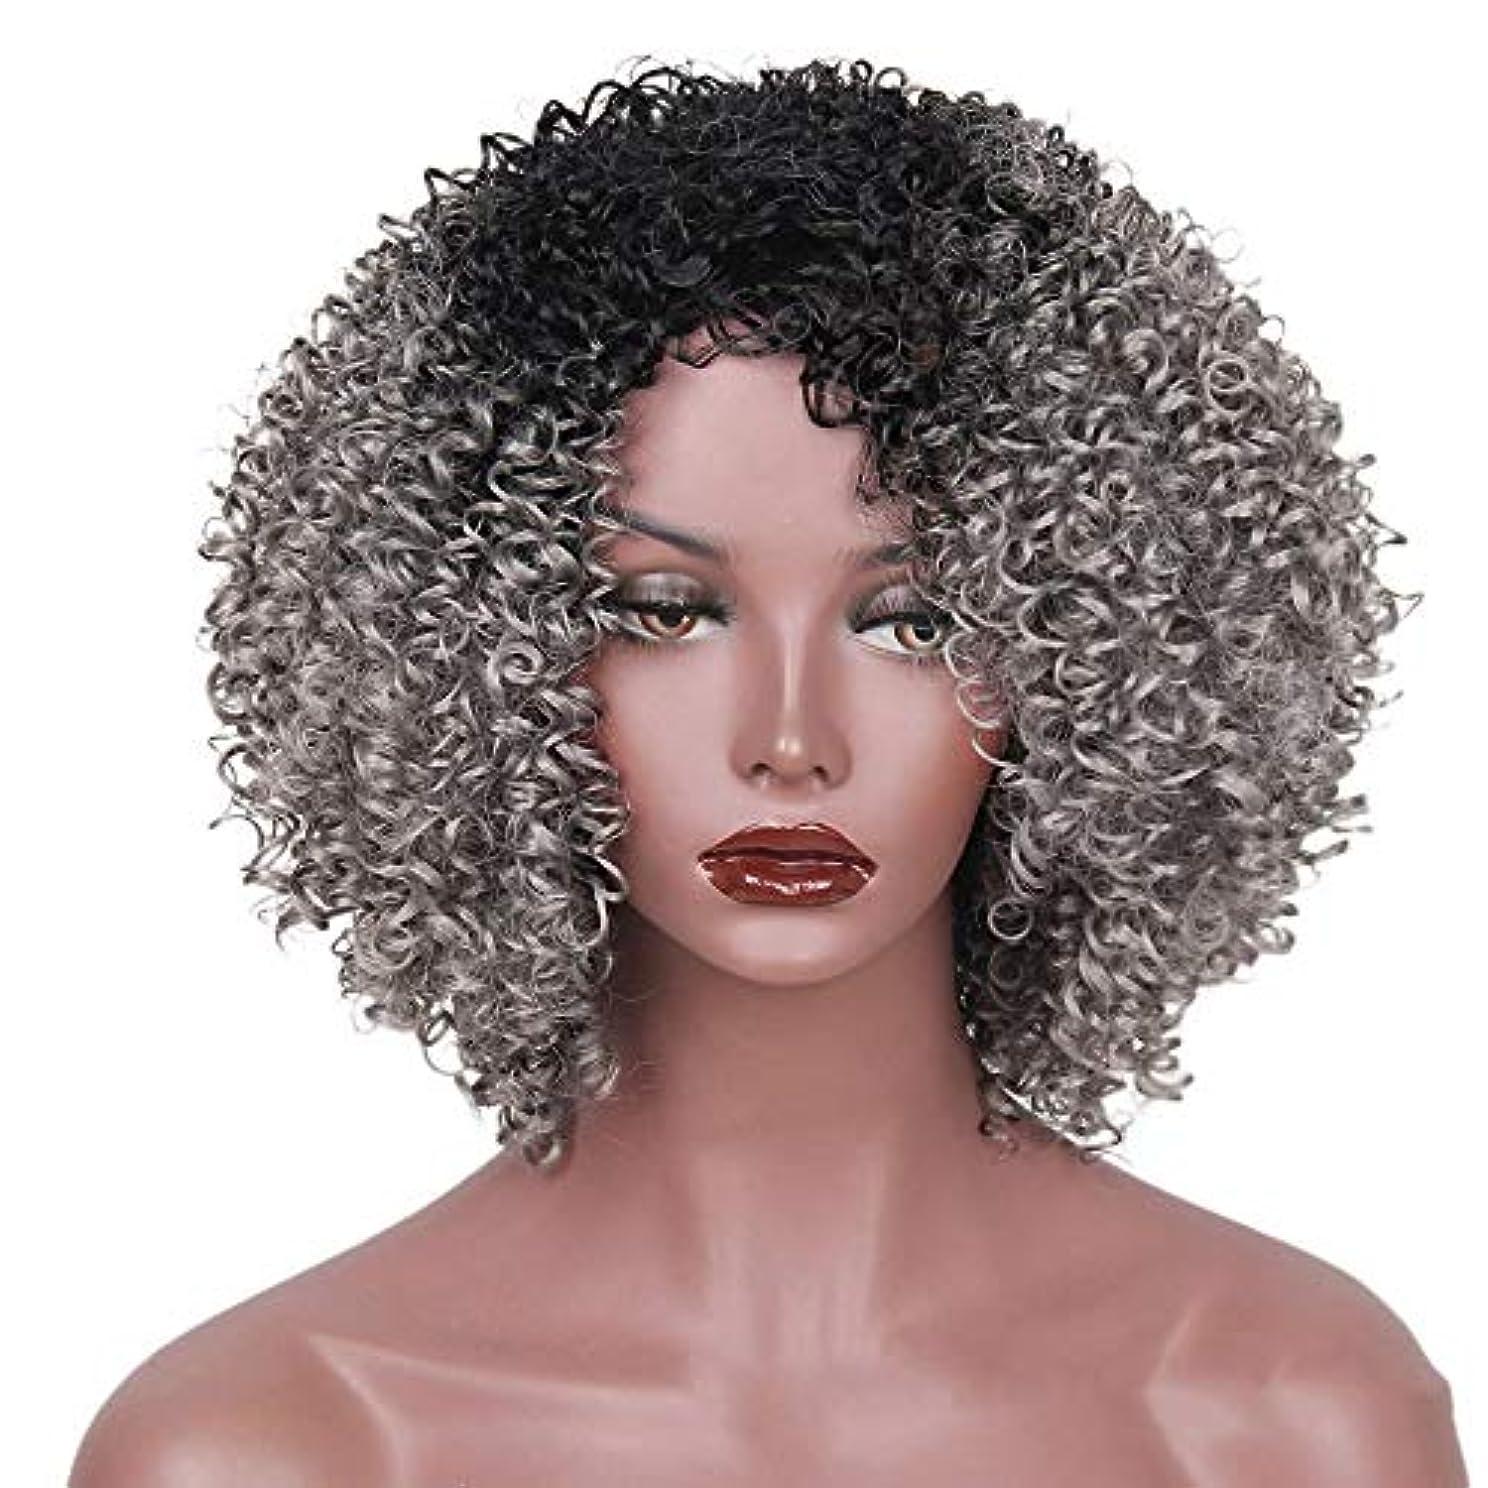 テロリストふさわしいソーシャルWASAIO アフリカの黒人女性のグラデーションカラー爆発ヘッドふわふわ小波髪ウィッグアクセサリースタイル交換繊維合成14インチ (色 : C-3)